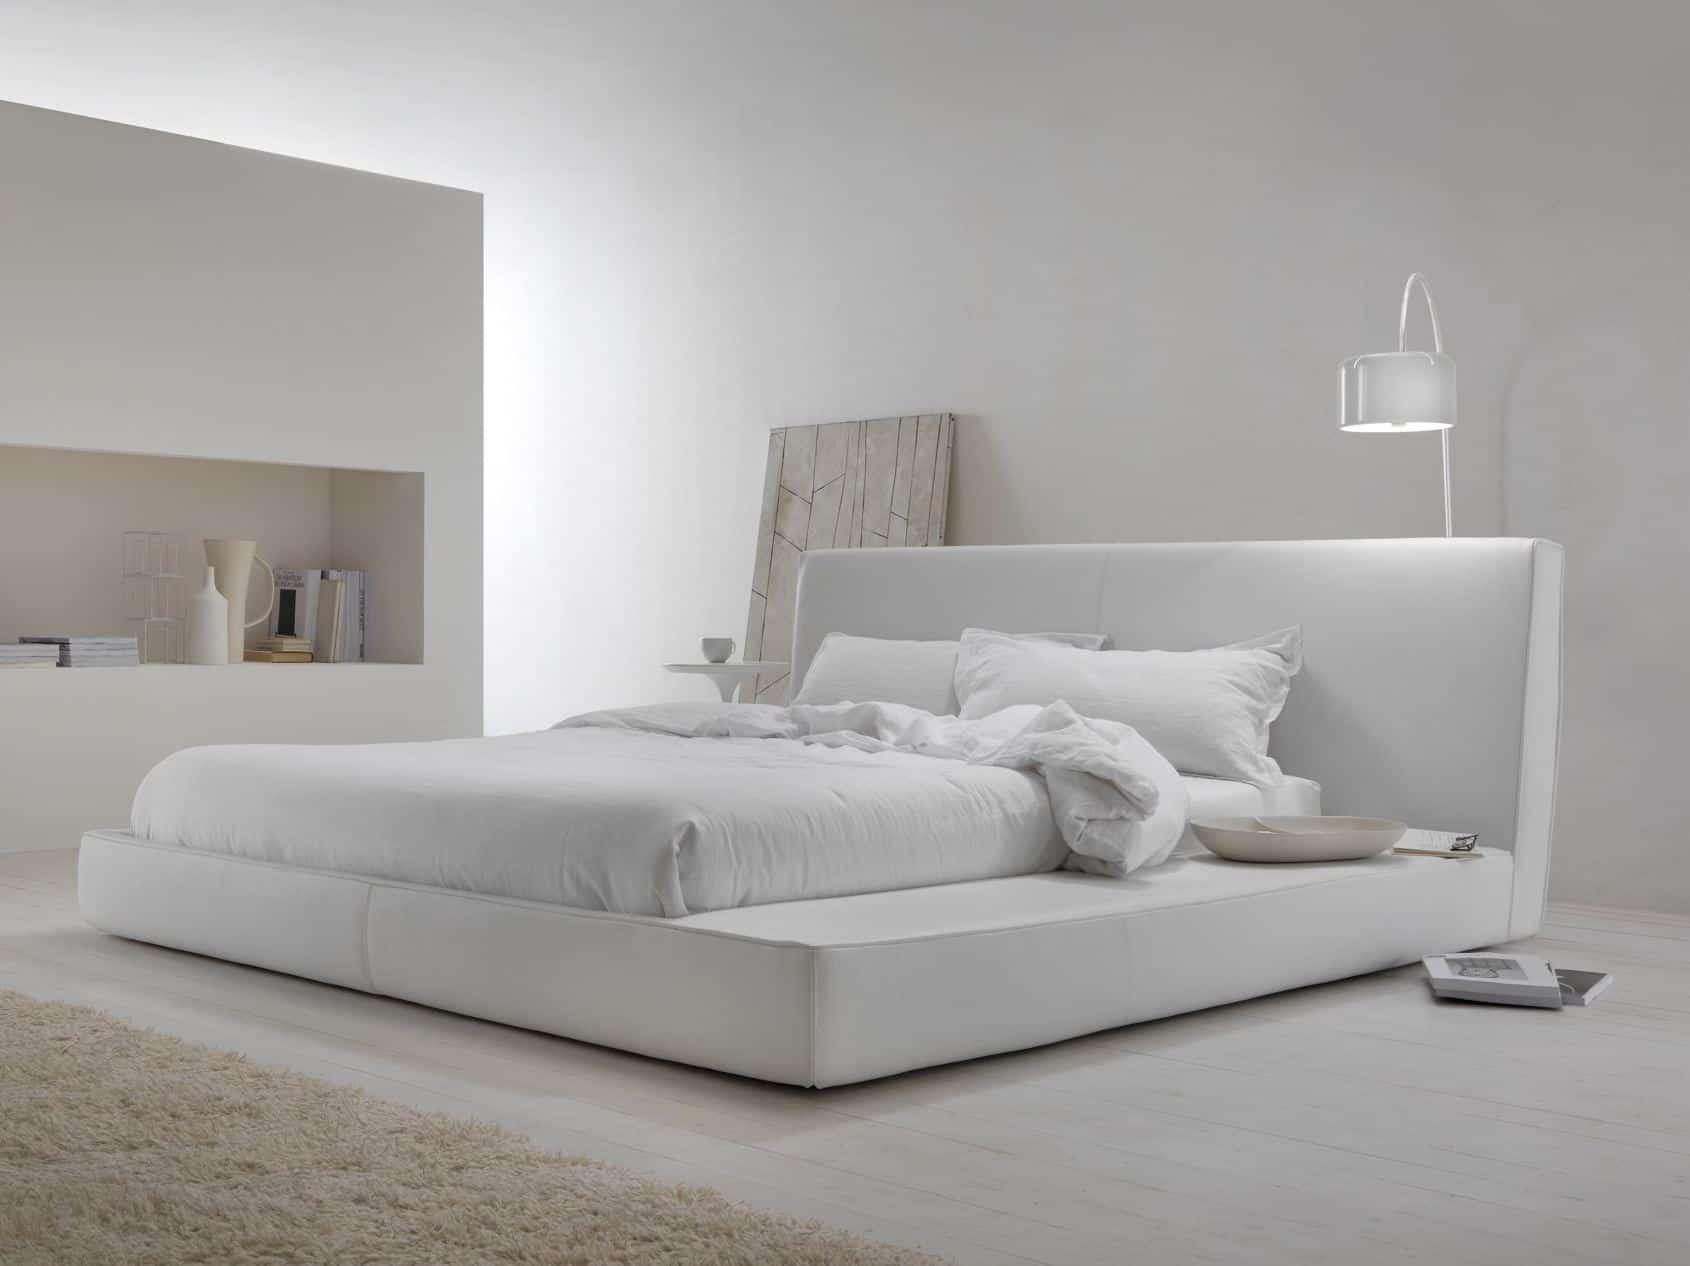 50 Modern Bedroom Design Ideas on Bedroom Minimalist Design Ideas  id=77509